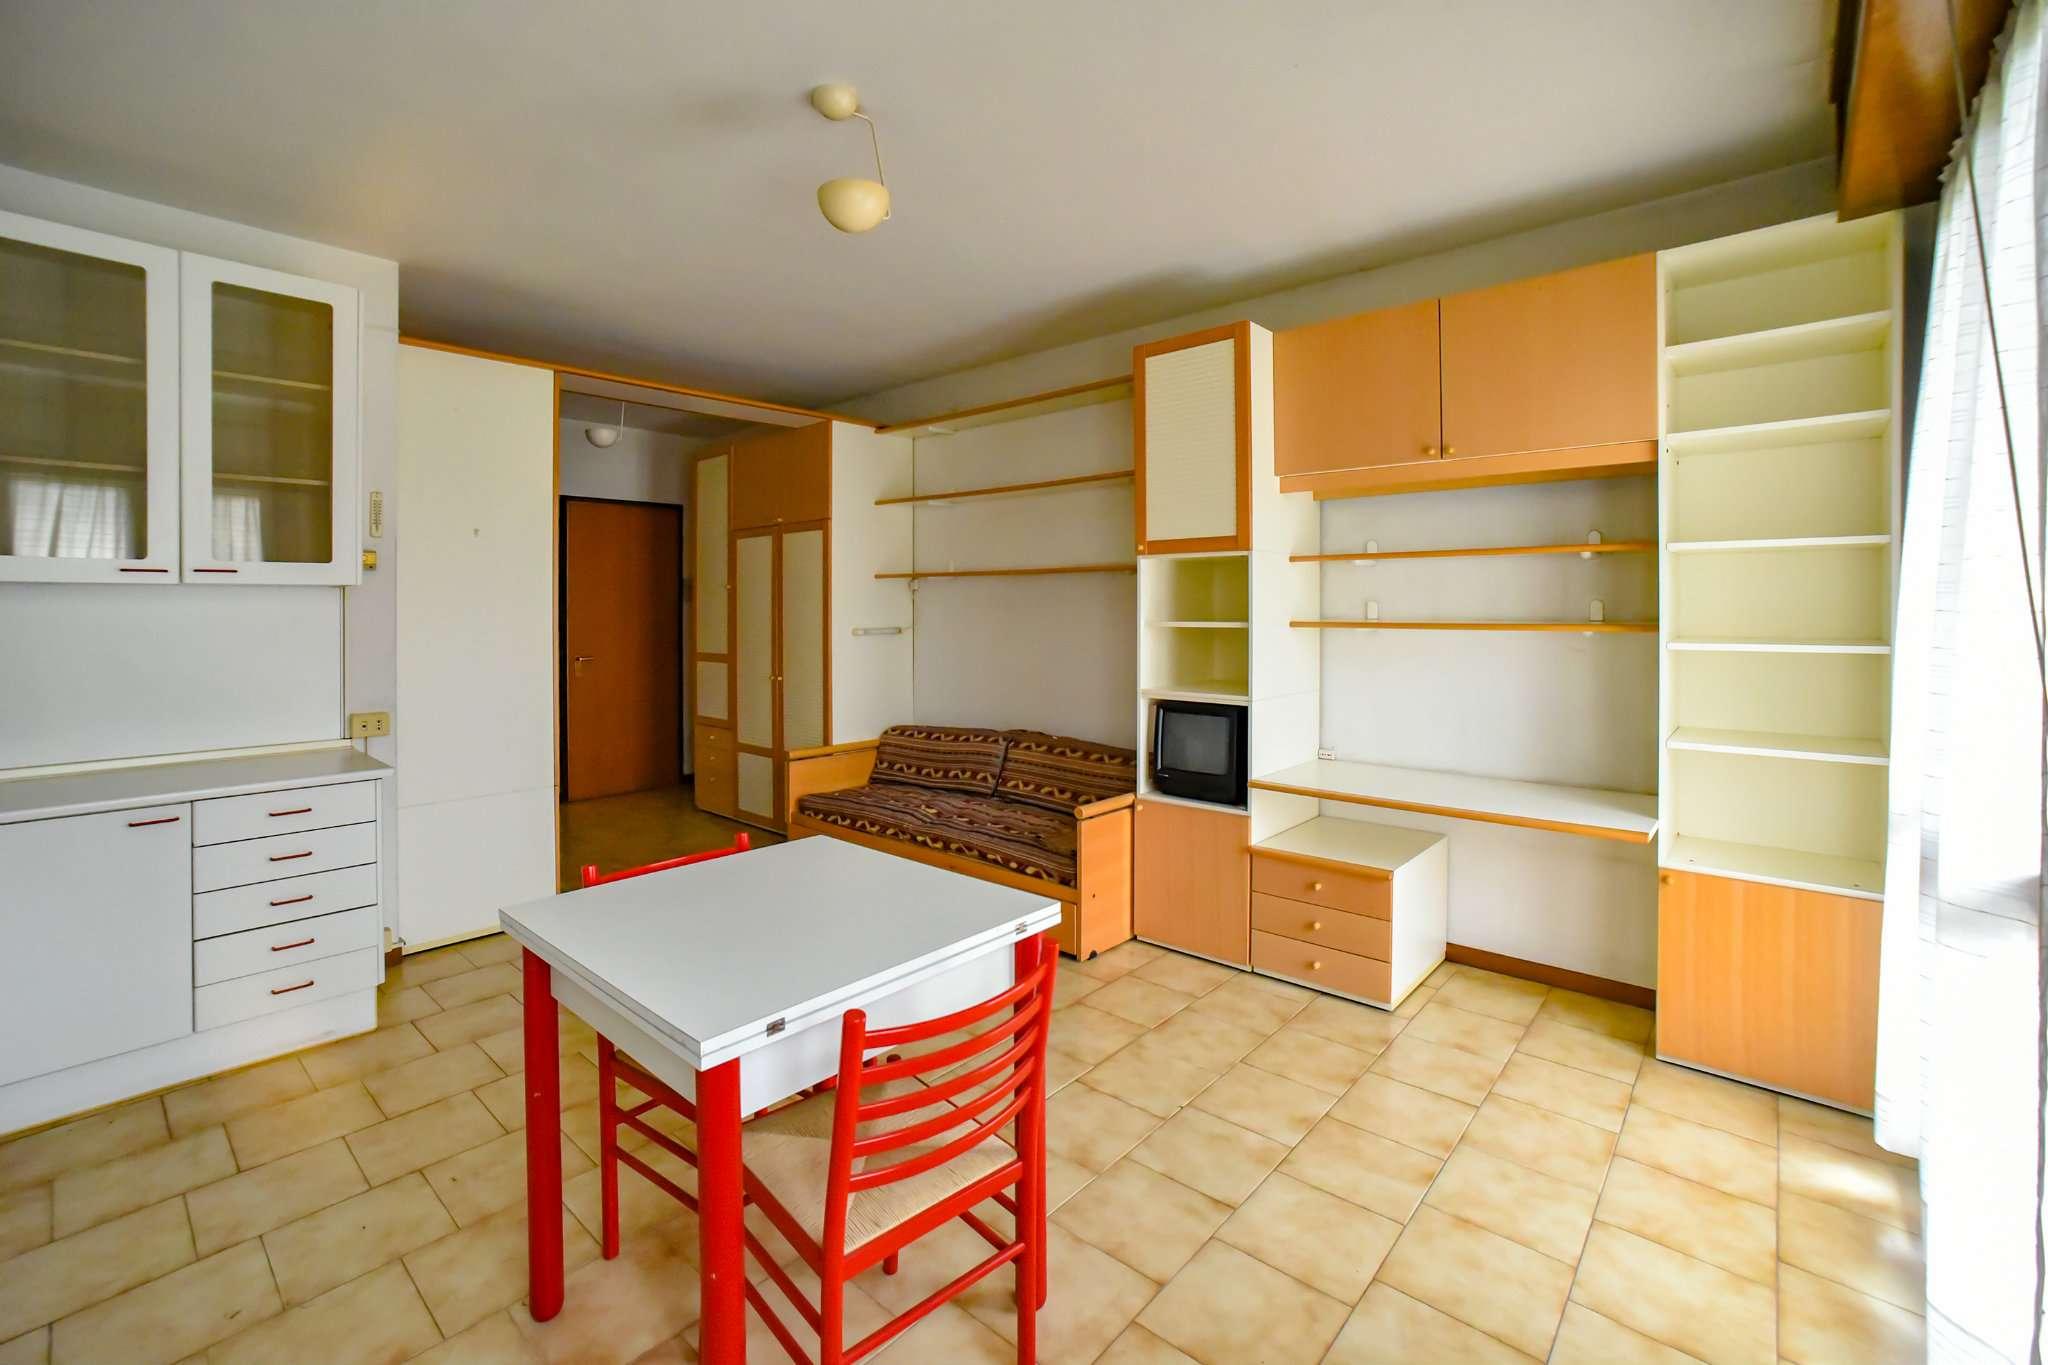 Appartamento in vendita a Urago d'Oglio, 1 locali, prezzo € 39.000 | CambioCasa.it